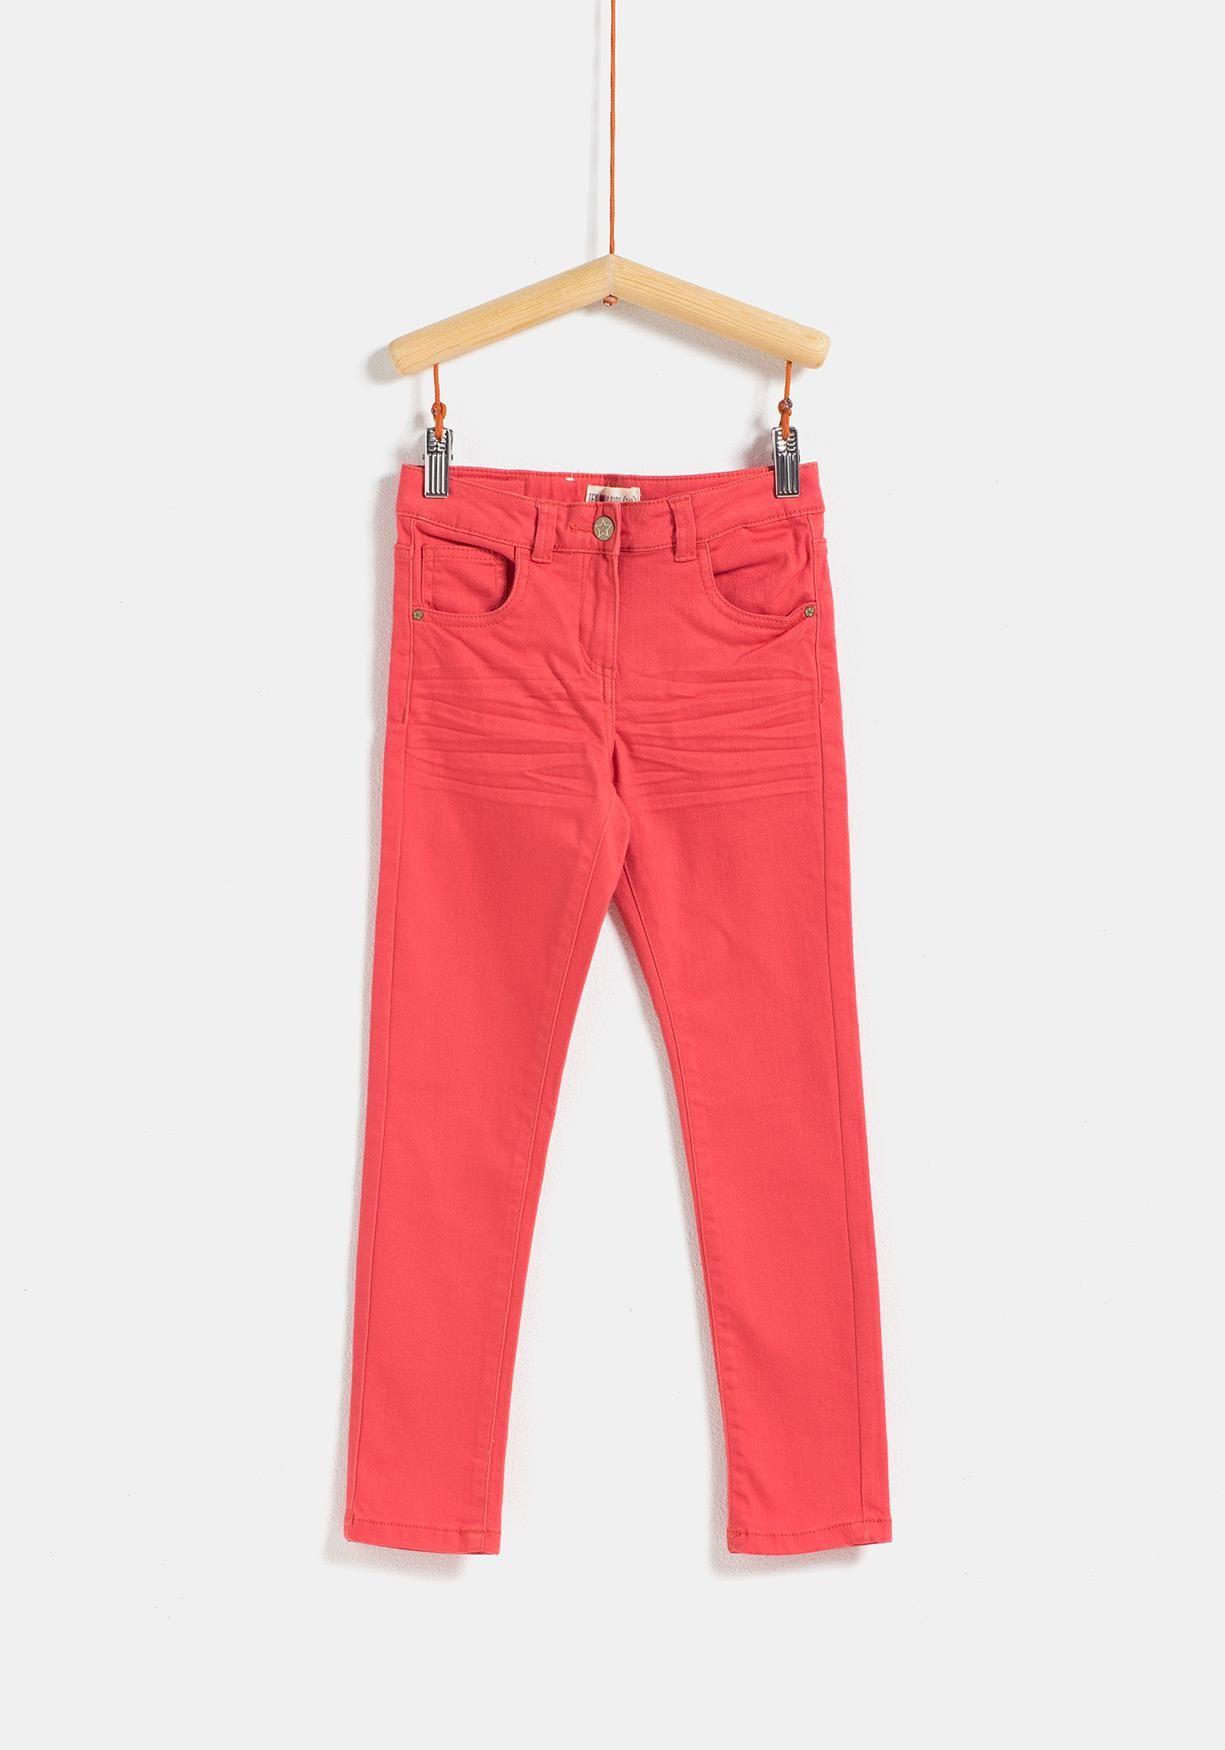 963450fd Comprar Pantalón largo stretch TEX. ¡Aprovéchate de nuestros precios y  encuentra las mejores OFERTAS